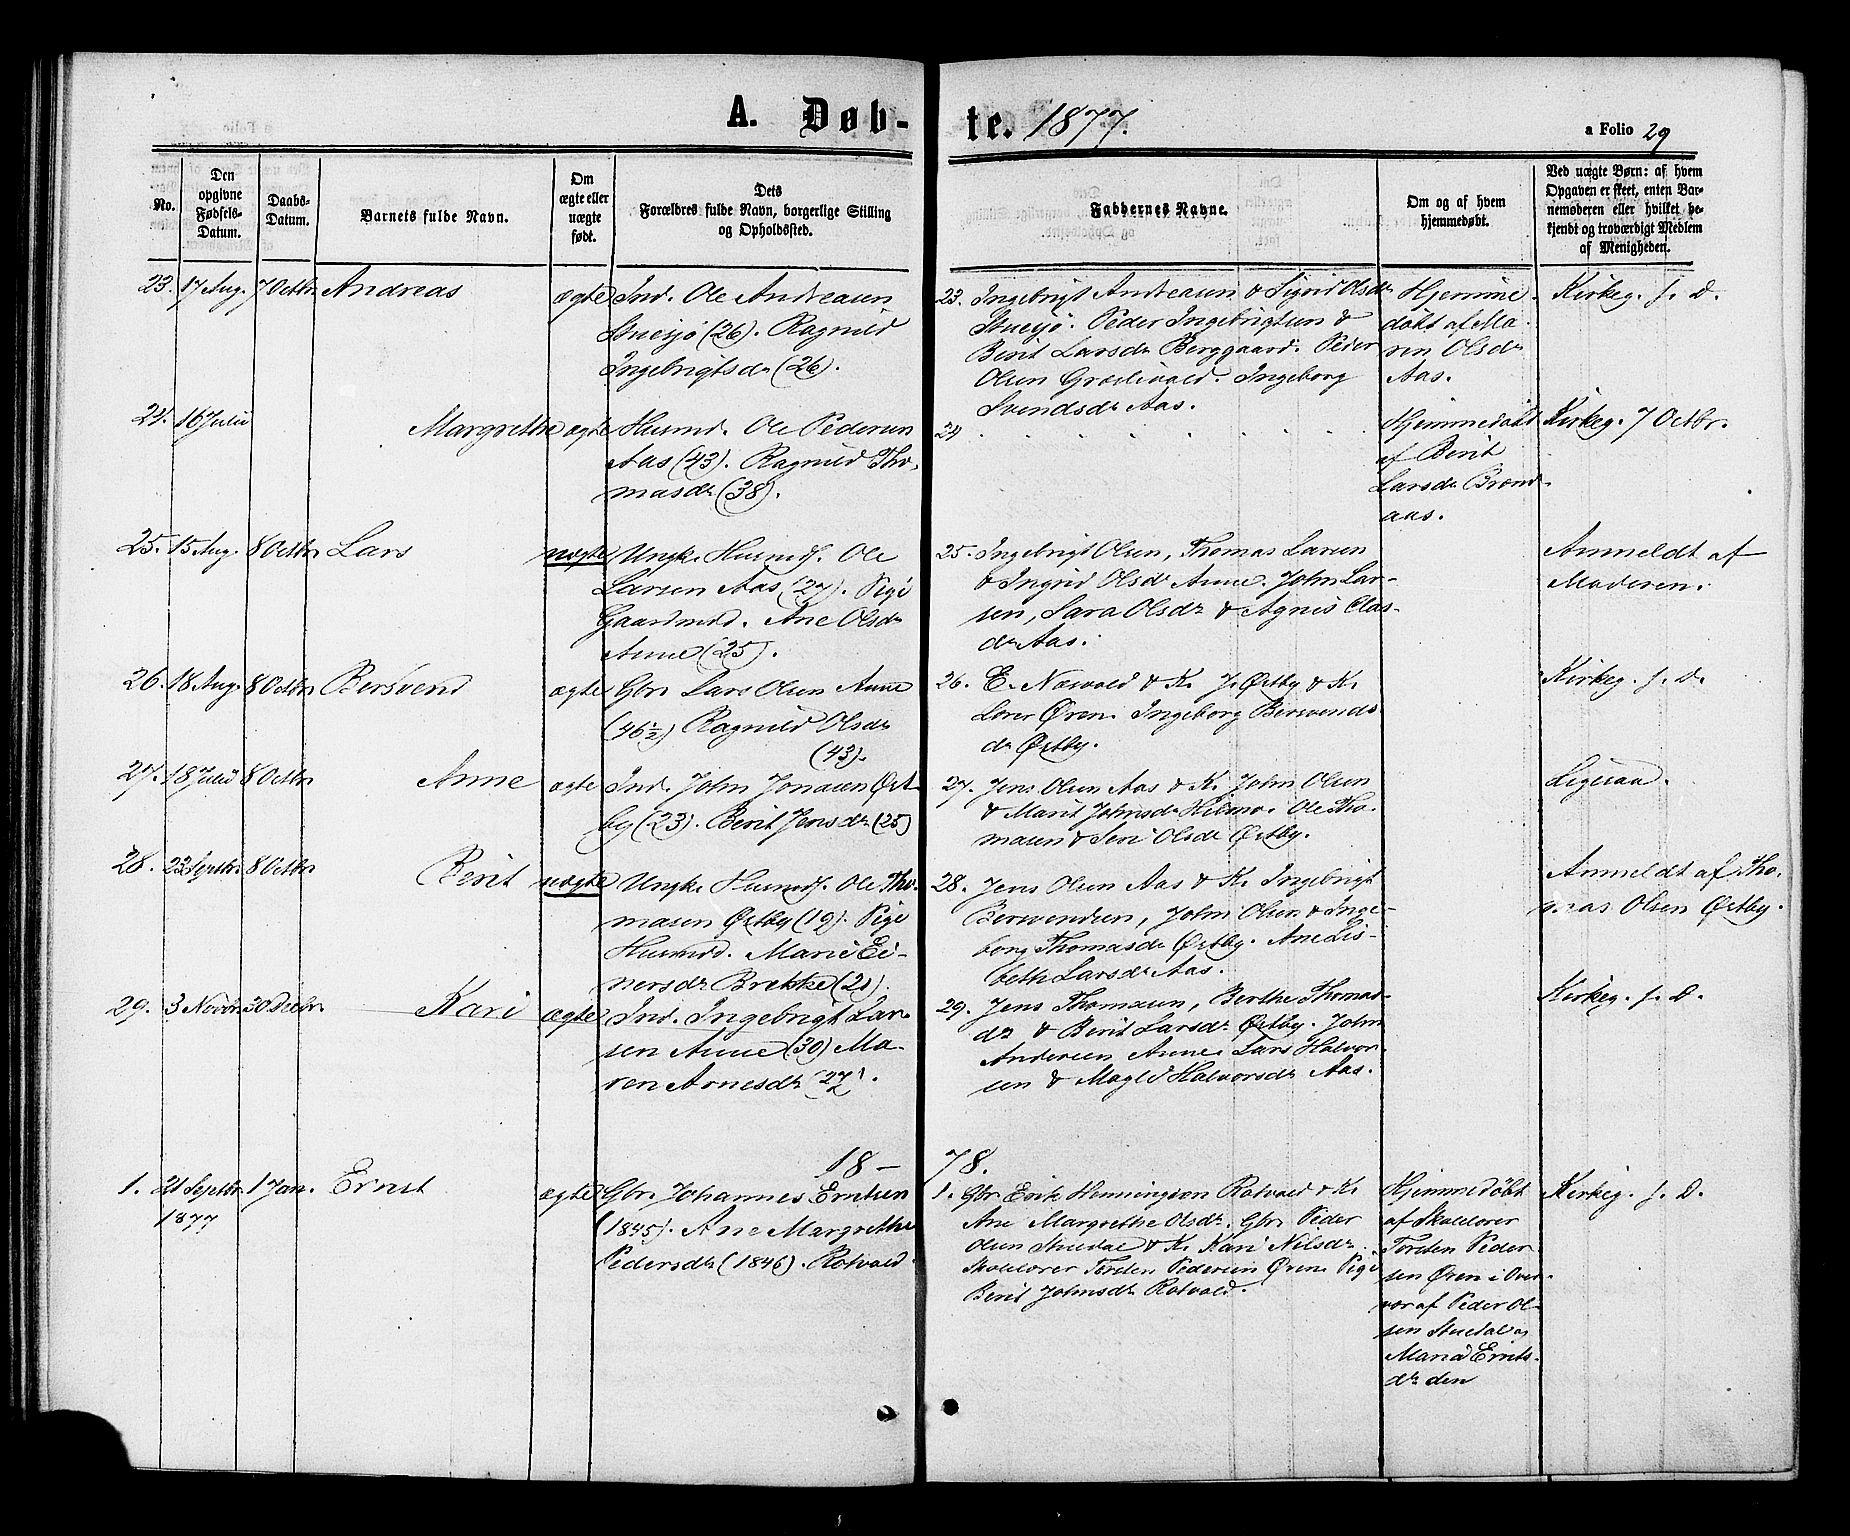 SAT, Ministerialprotokoller, klokkerbøker og fødselsregistre - Sør-Trøndelag, 698/L1163: Ministerialbok nr. 698A01, 1862-1887, s. 29